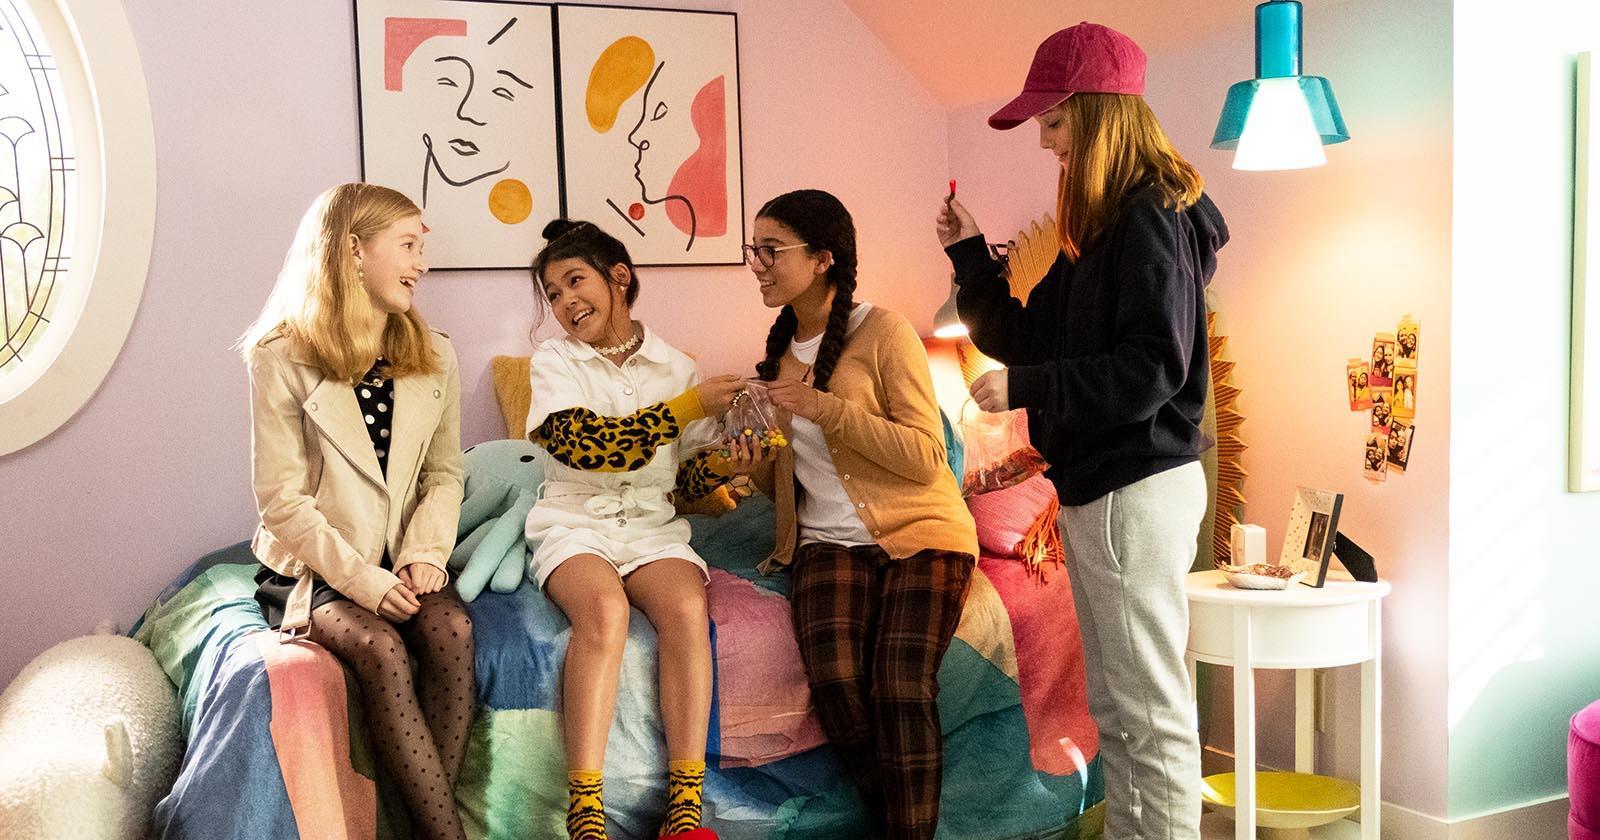 Adolescentes en una habitación rosada. Son las protagonistas de The Baby-Sitters Club, serie original de Netflix.